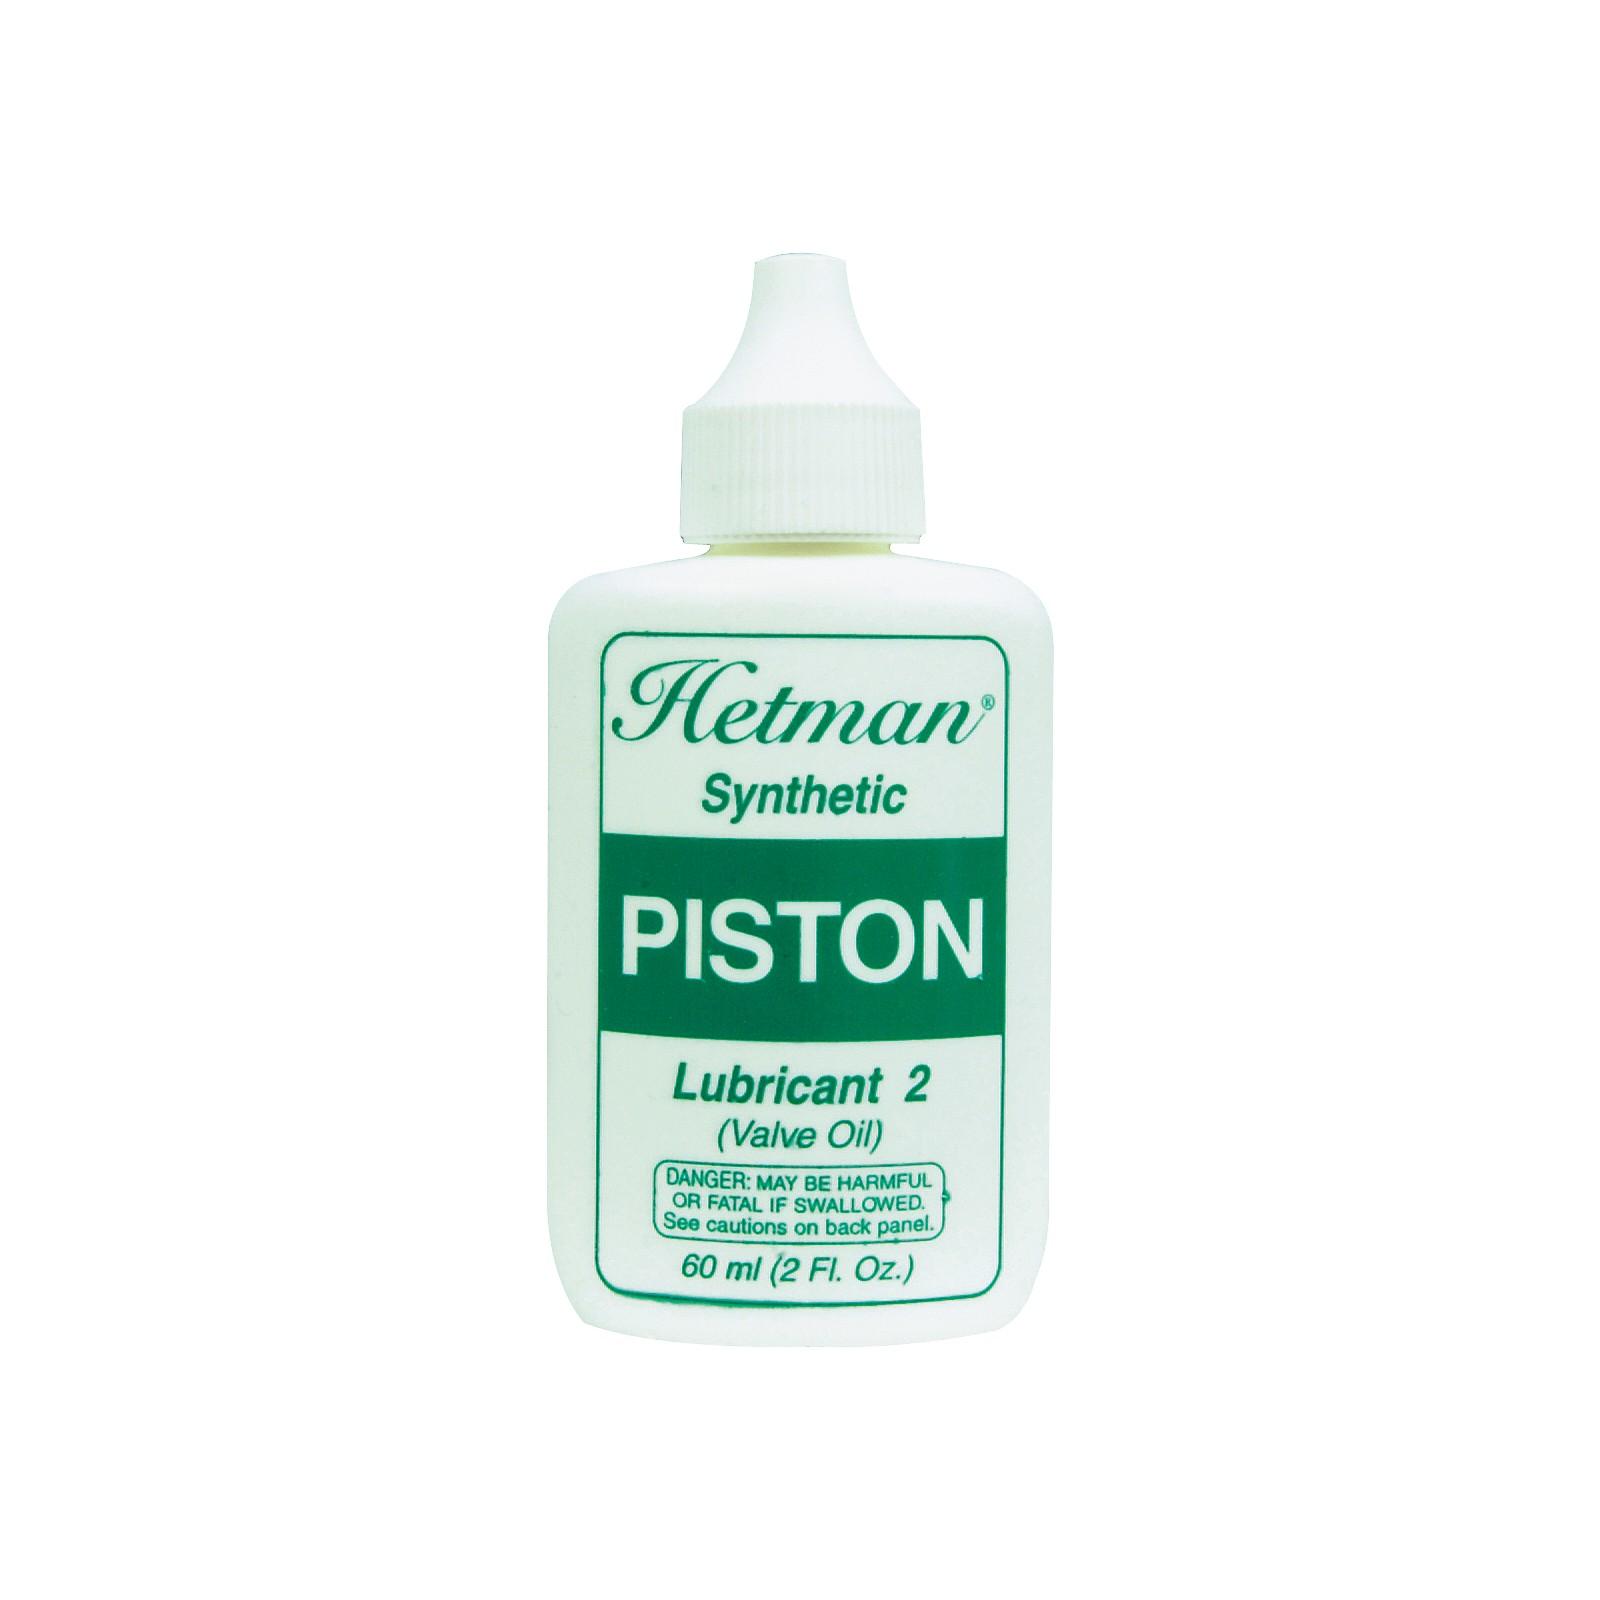 Hetman 2 - Piston Lubricant